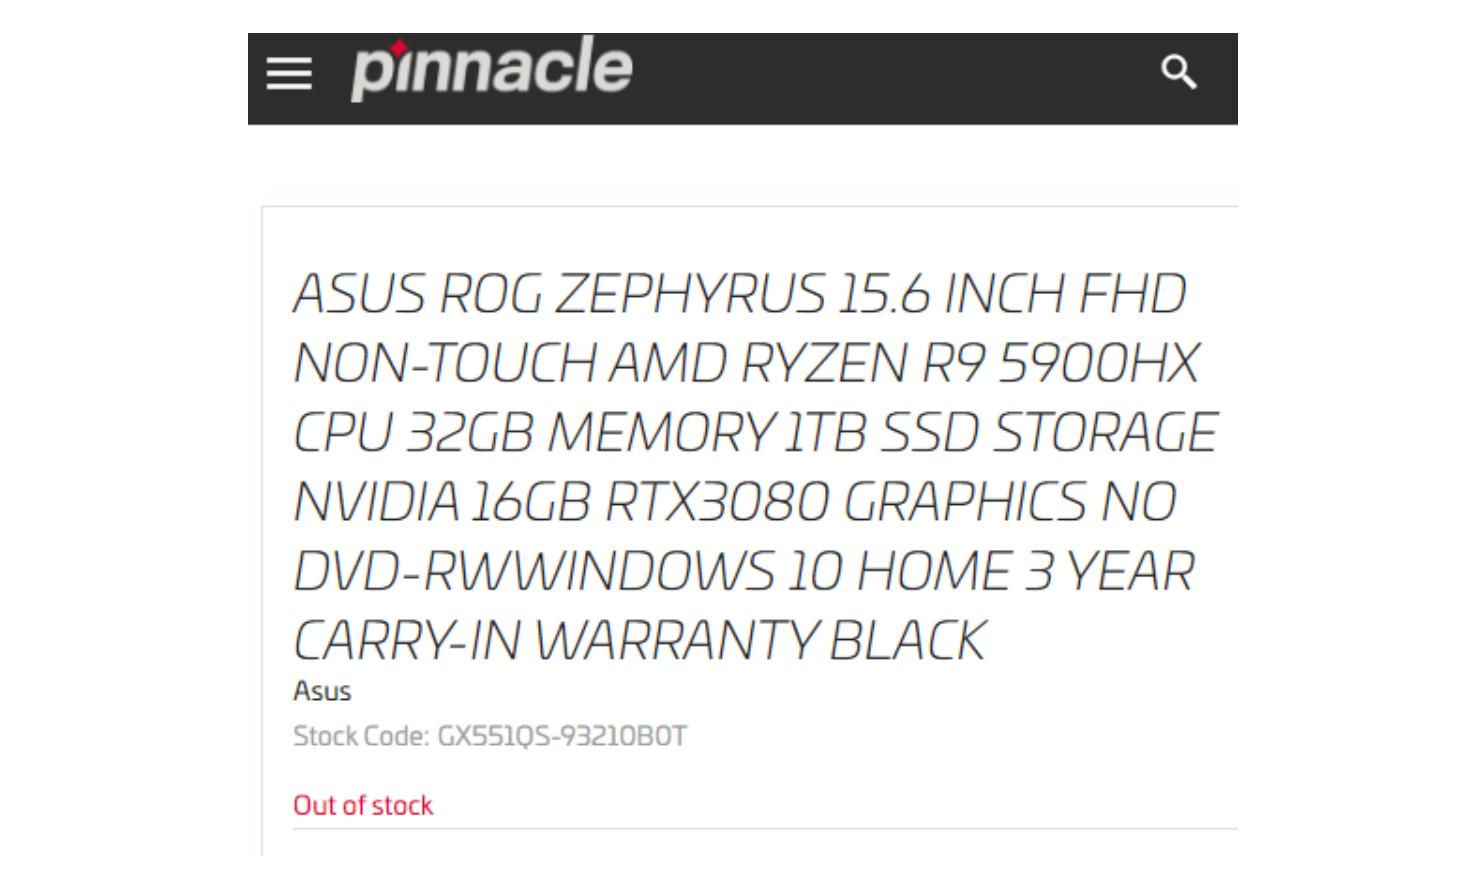 8 ядер и 16 потоков для ноутбука c поддержкой разгона. Флагманский AMD Ryzen 9 5900HX засветился